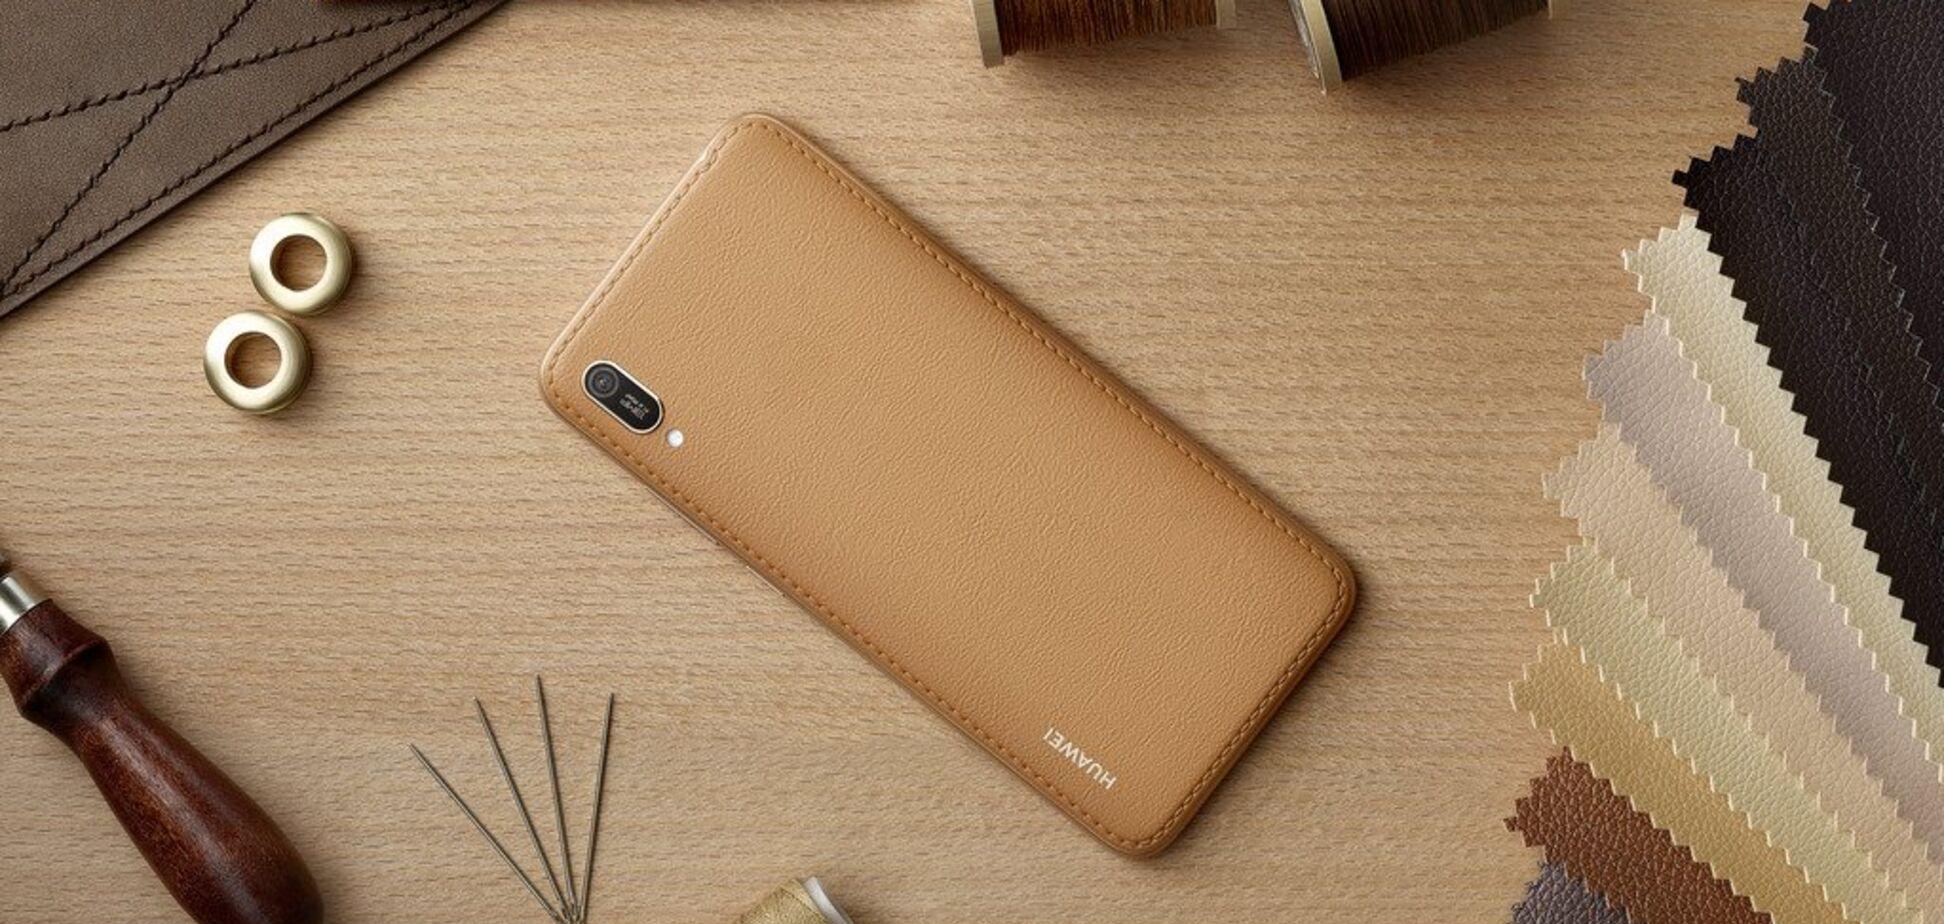 Тест редакции: чем привлекают смартфоны Y-серии от Huawei